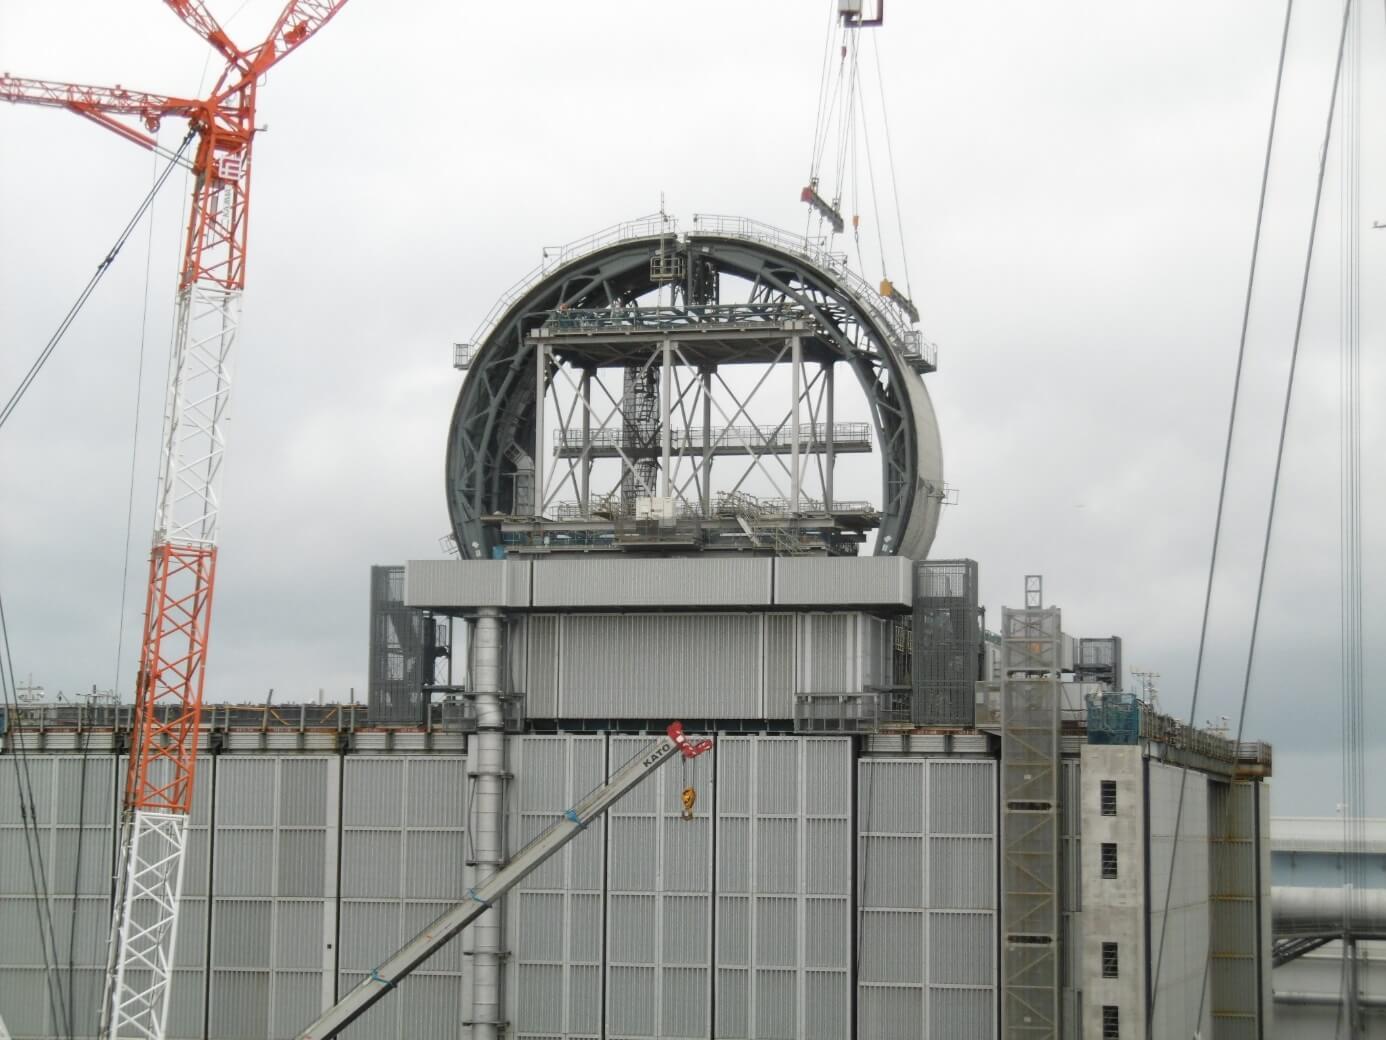 Budování nové horní části zničeného třetího bloku v elektrárně Fukušima I, po instalaci jeřábů bude možné vyvézt bazén pro vyhořelé palivo (zdroj TEPCO).